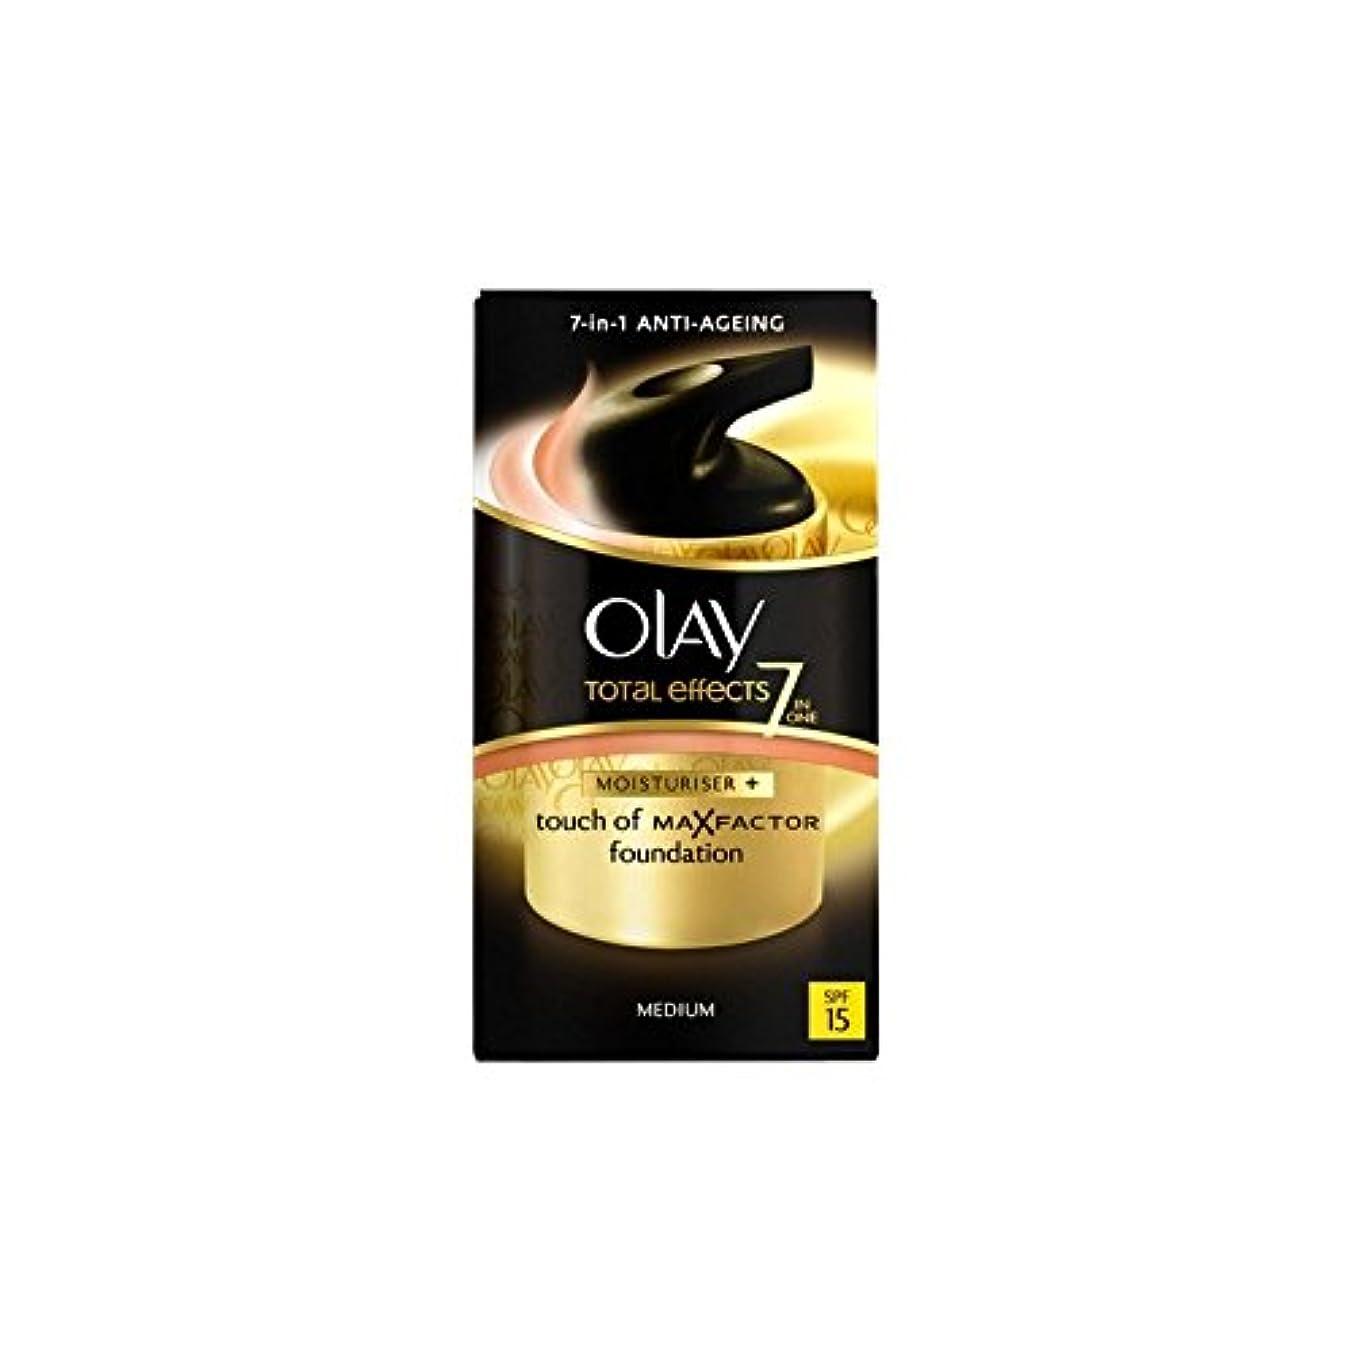 オープニング目を覚ます夜明けオーレイトータルエフェクト保湿クリーム15 - 培地(50ミリリットル) x2 - Olay Total Effects Moisturiser Bb Cream Spf15 - Medium (50ml) (Pack...